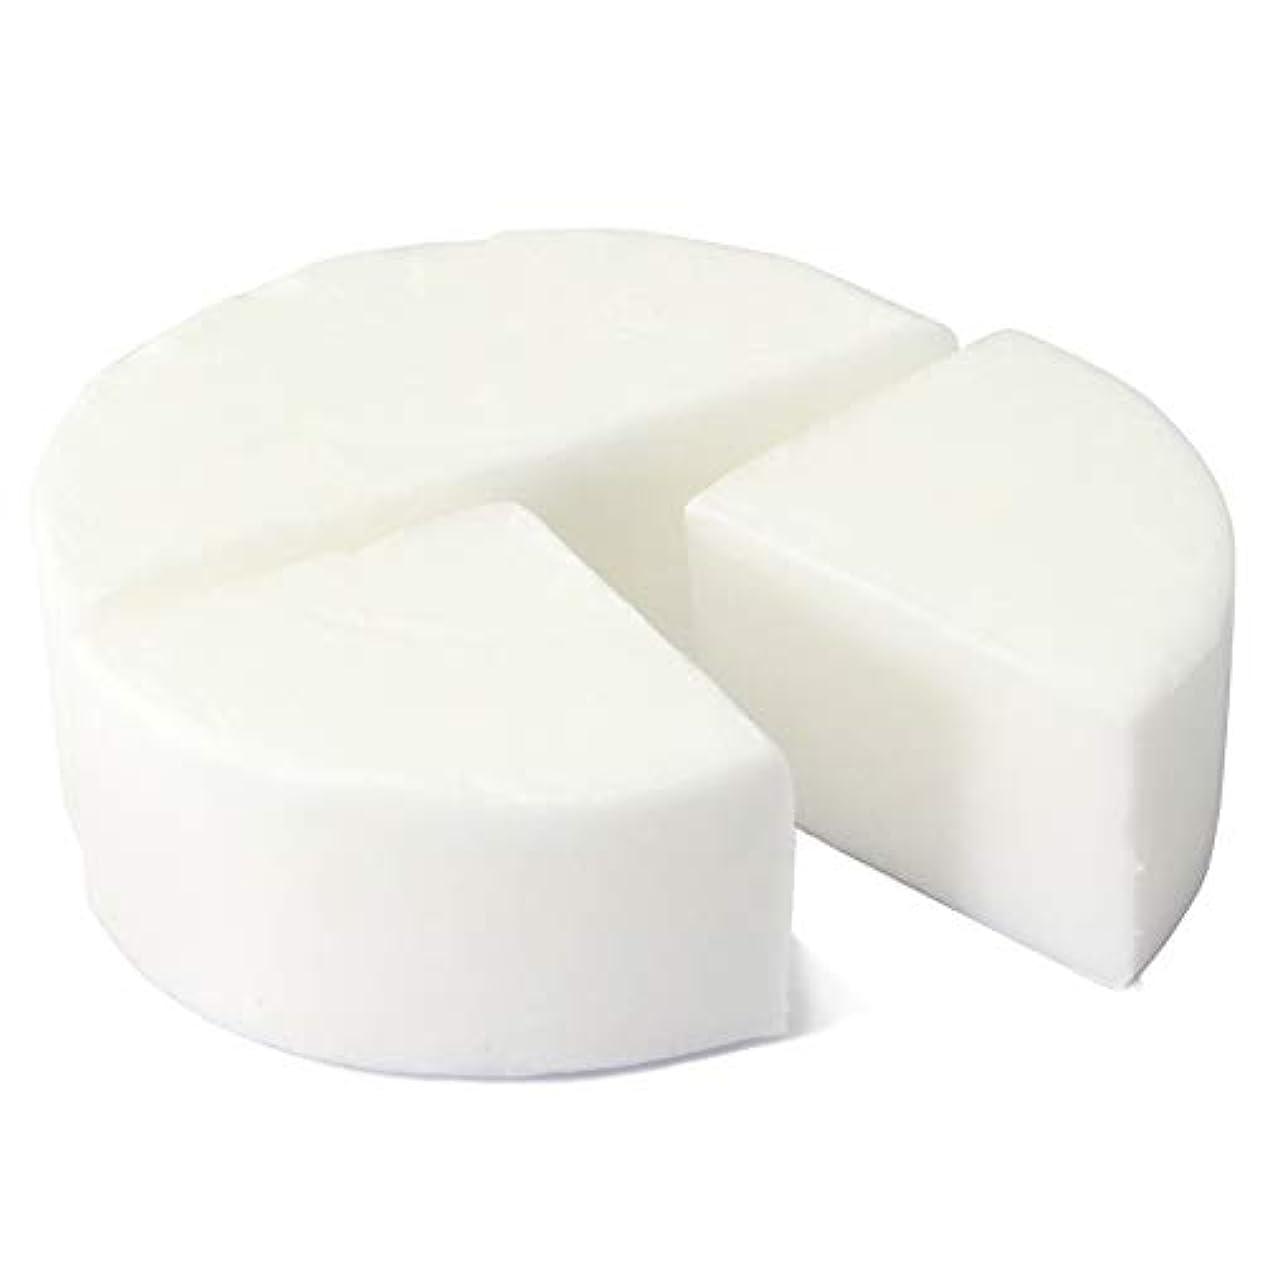 オフェンス柔らかい足免除するグリセリン クリアソープ 色チップ 白 100g (MPソープ)